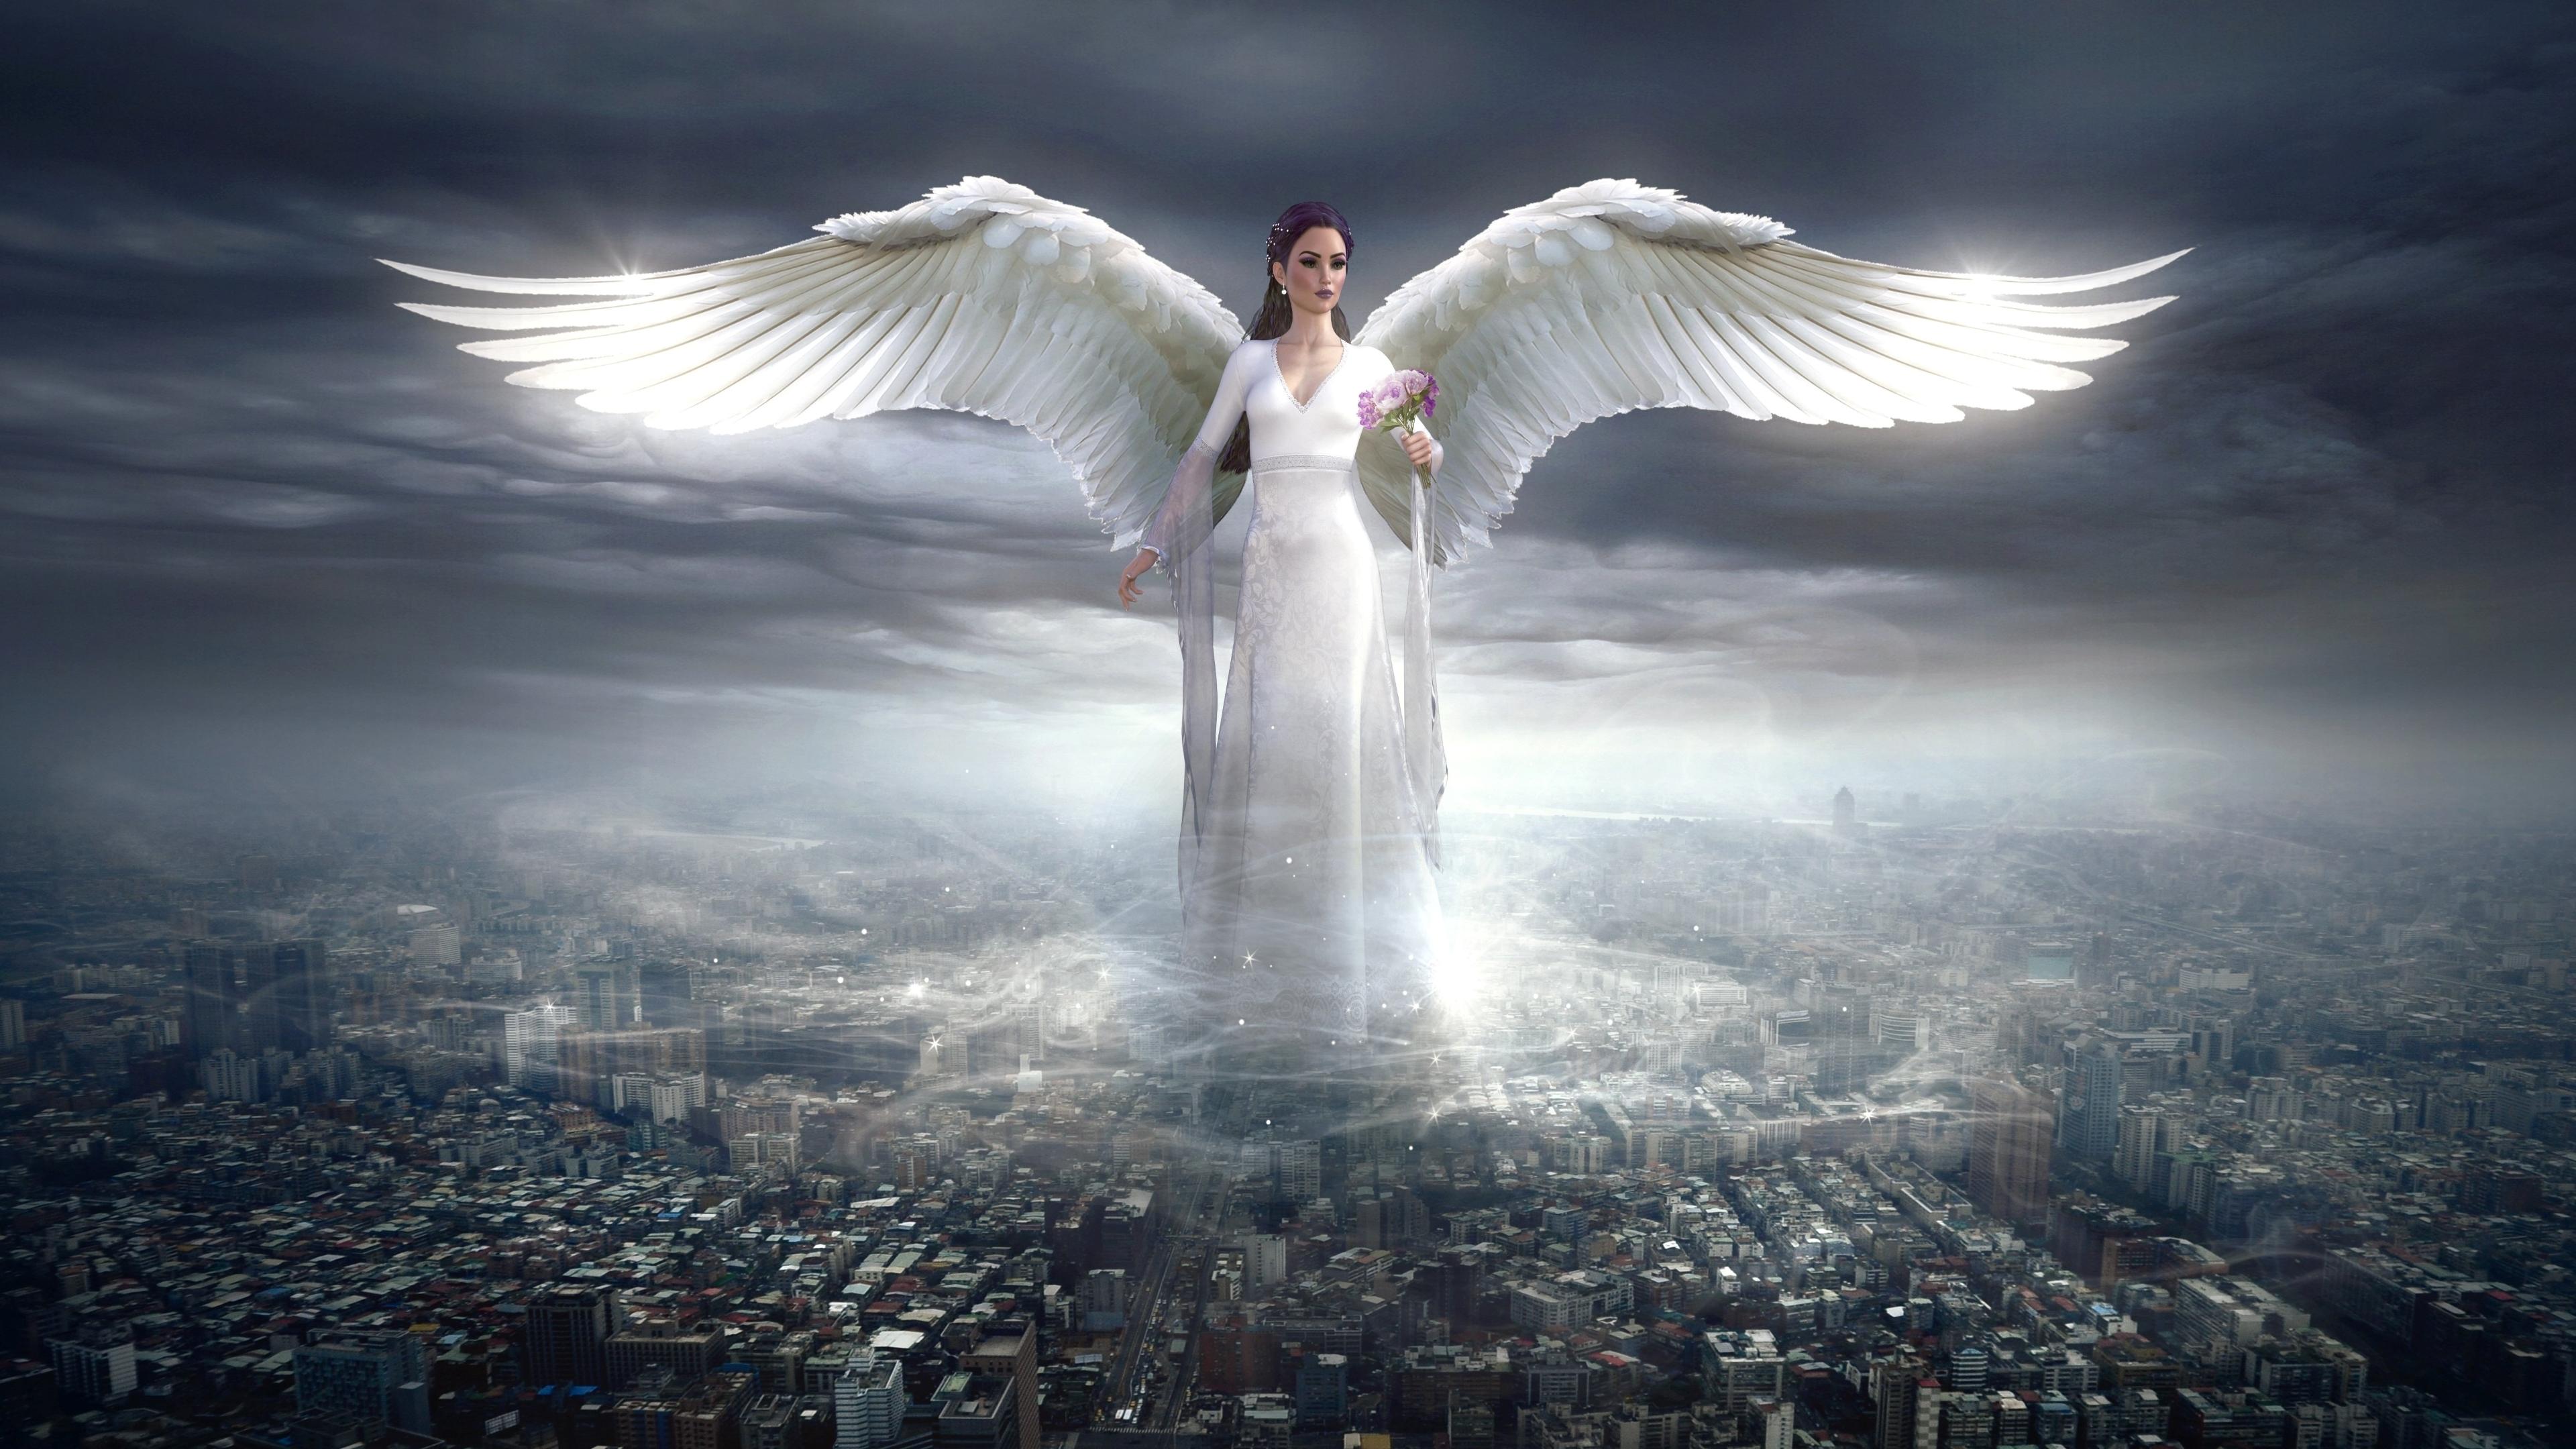 Fantasy Angel 3840x2160